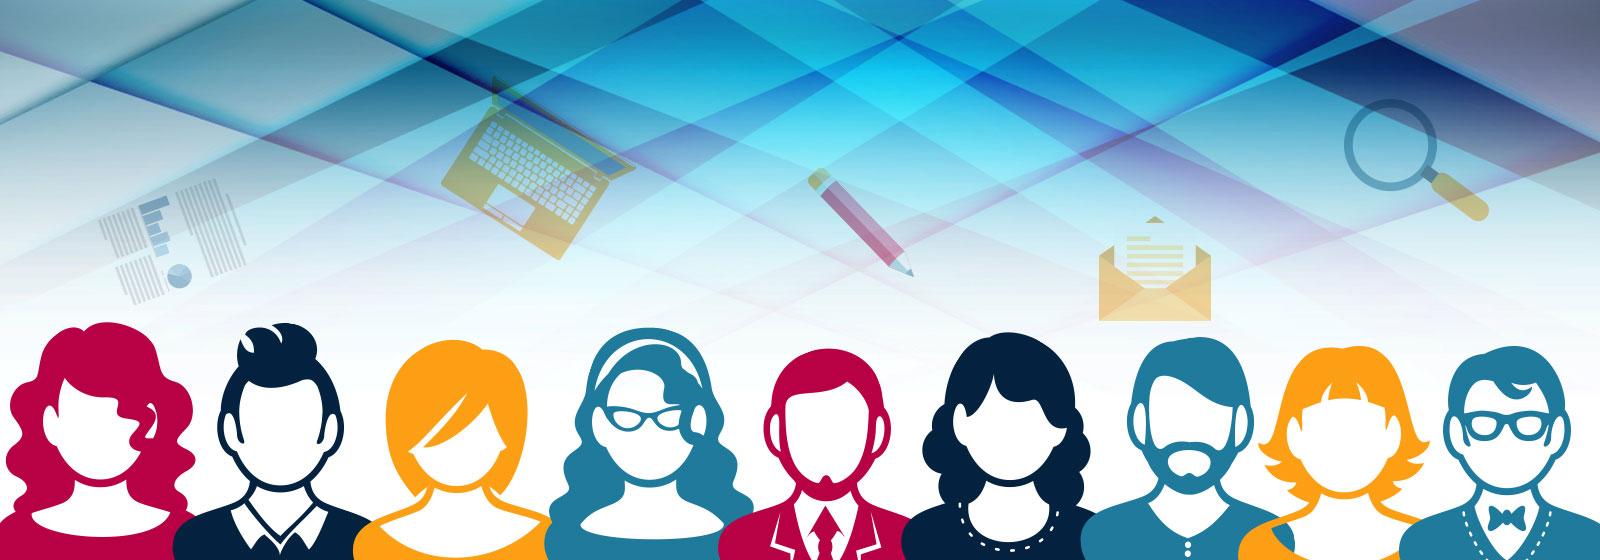 7 cosas que debes saber al contratar personal para un evento